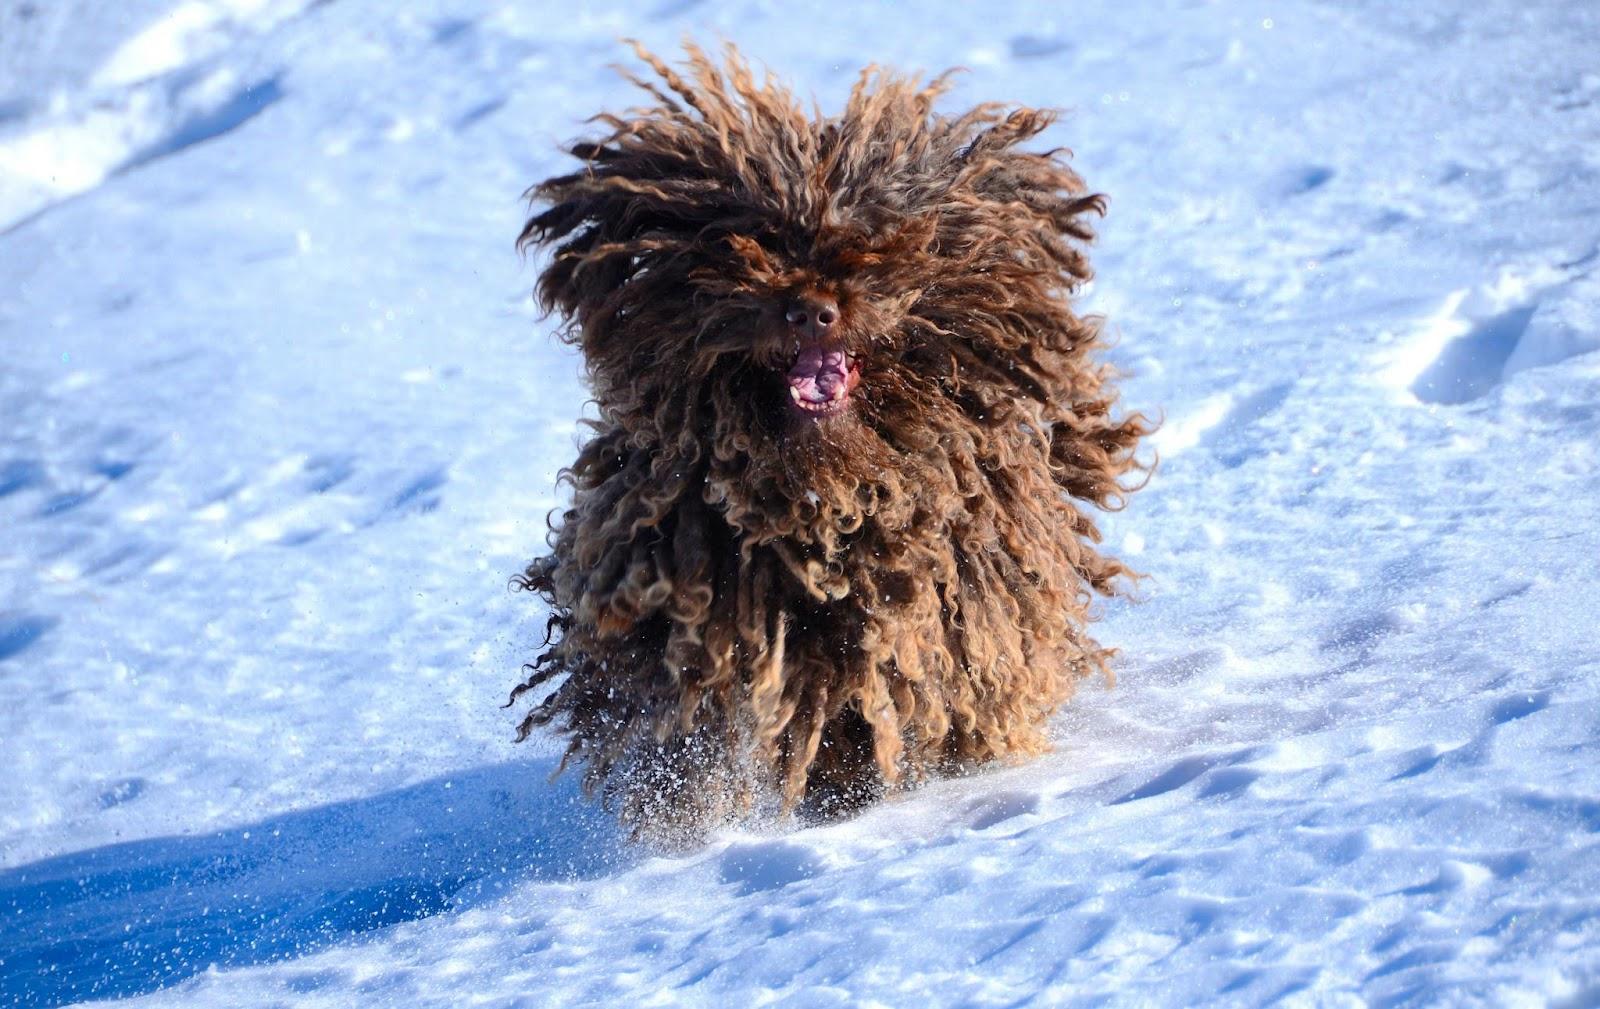 Perros de Agua practicando Snow Dog en Sierra Nevada (Granada)